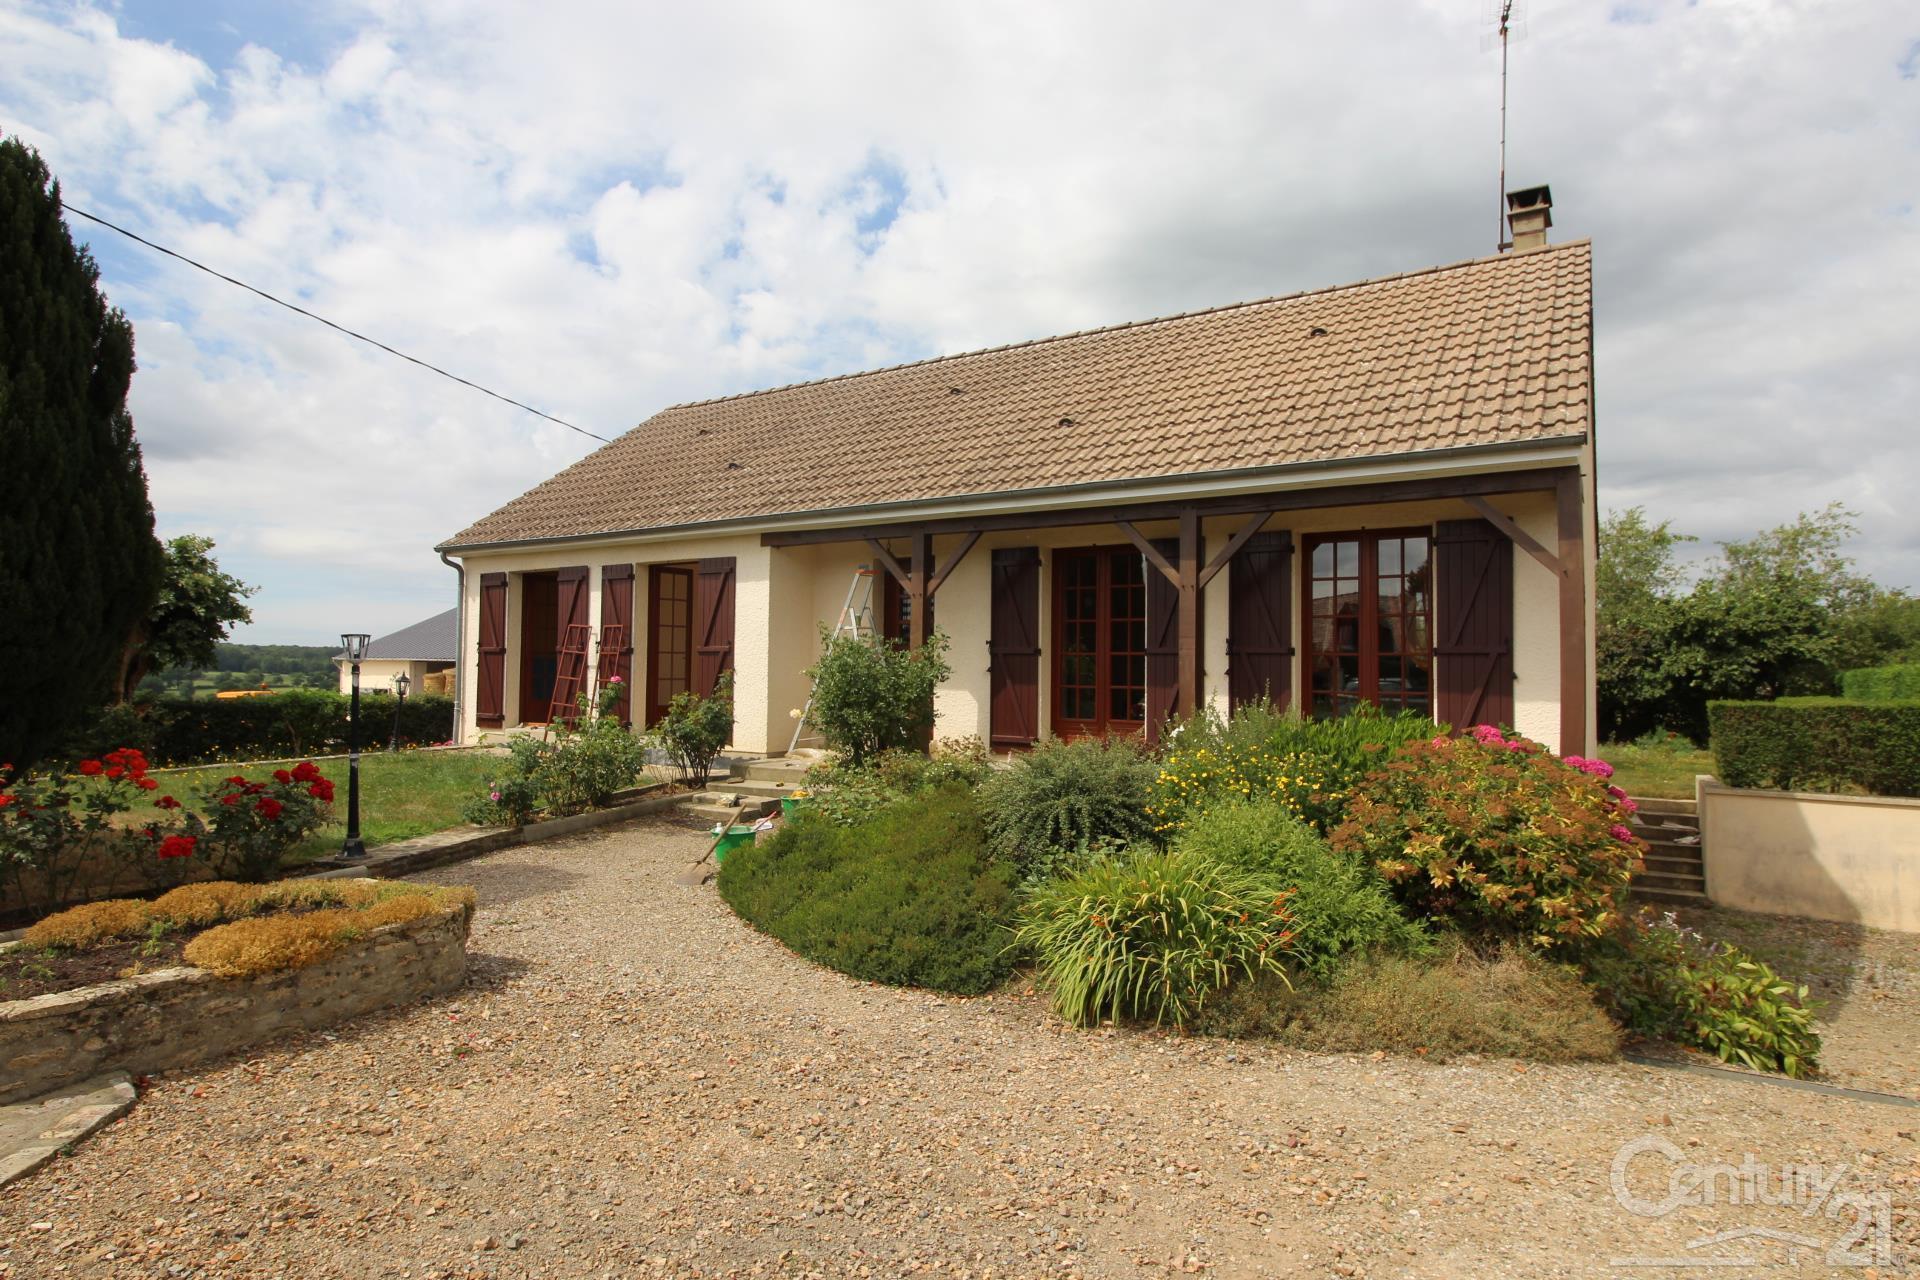 Maison A Louer  M Le Bourg St Leonard  Basse Norman